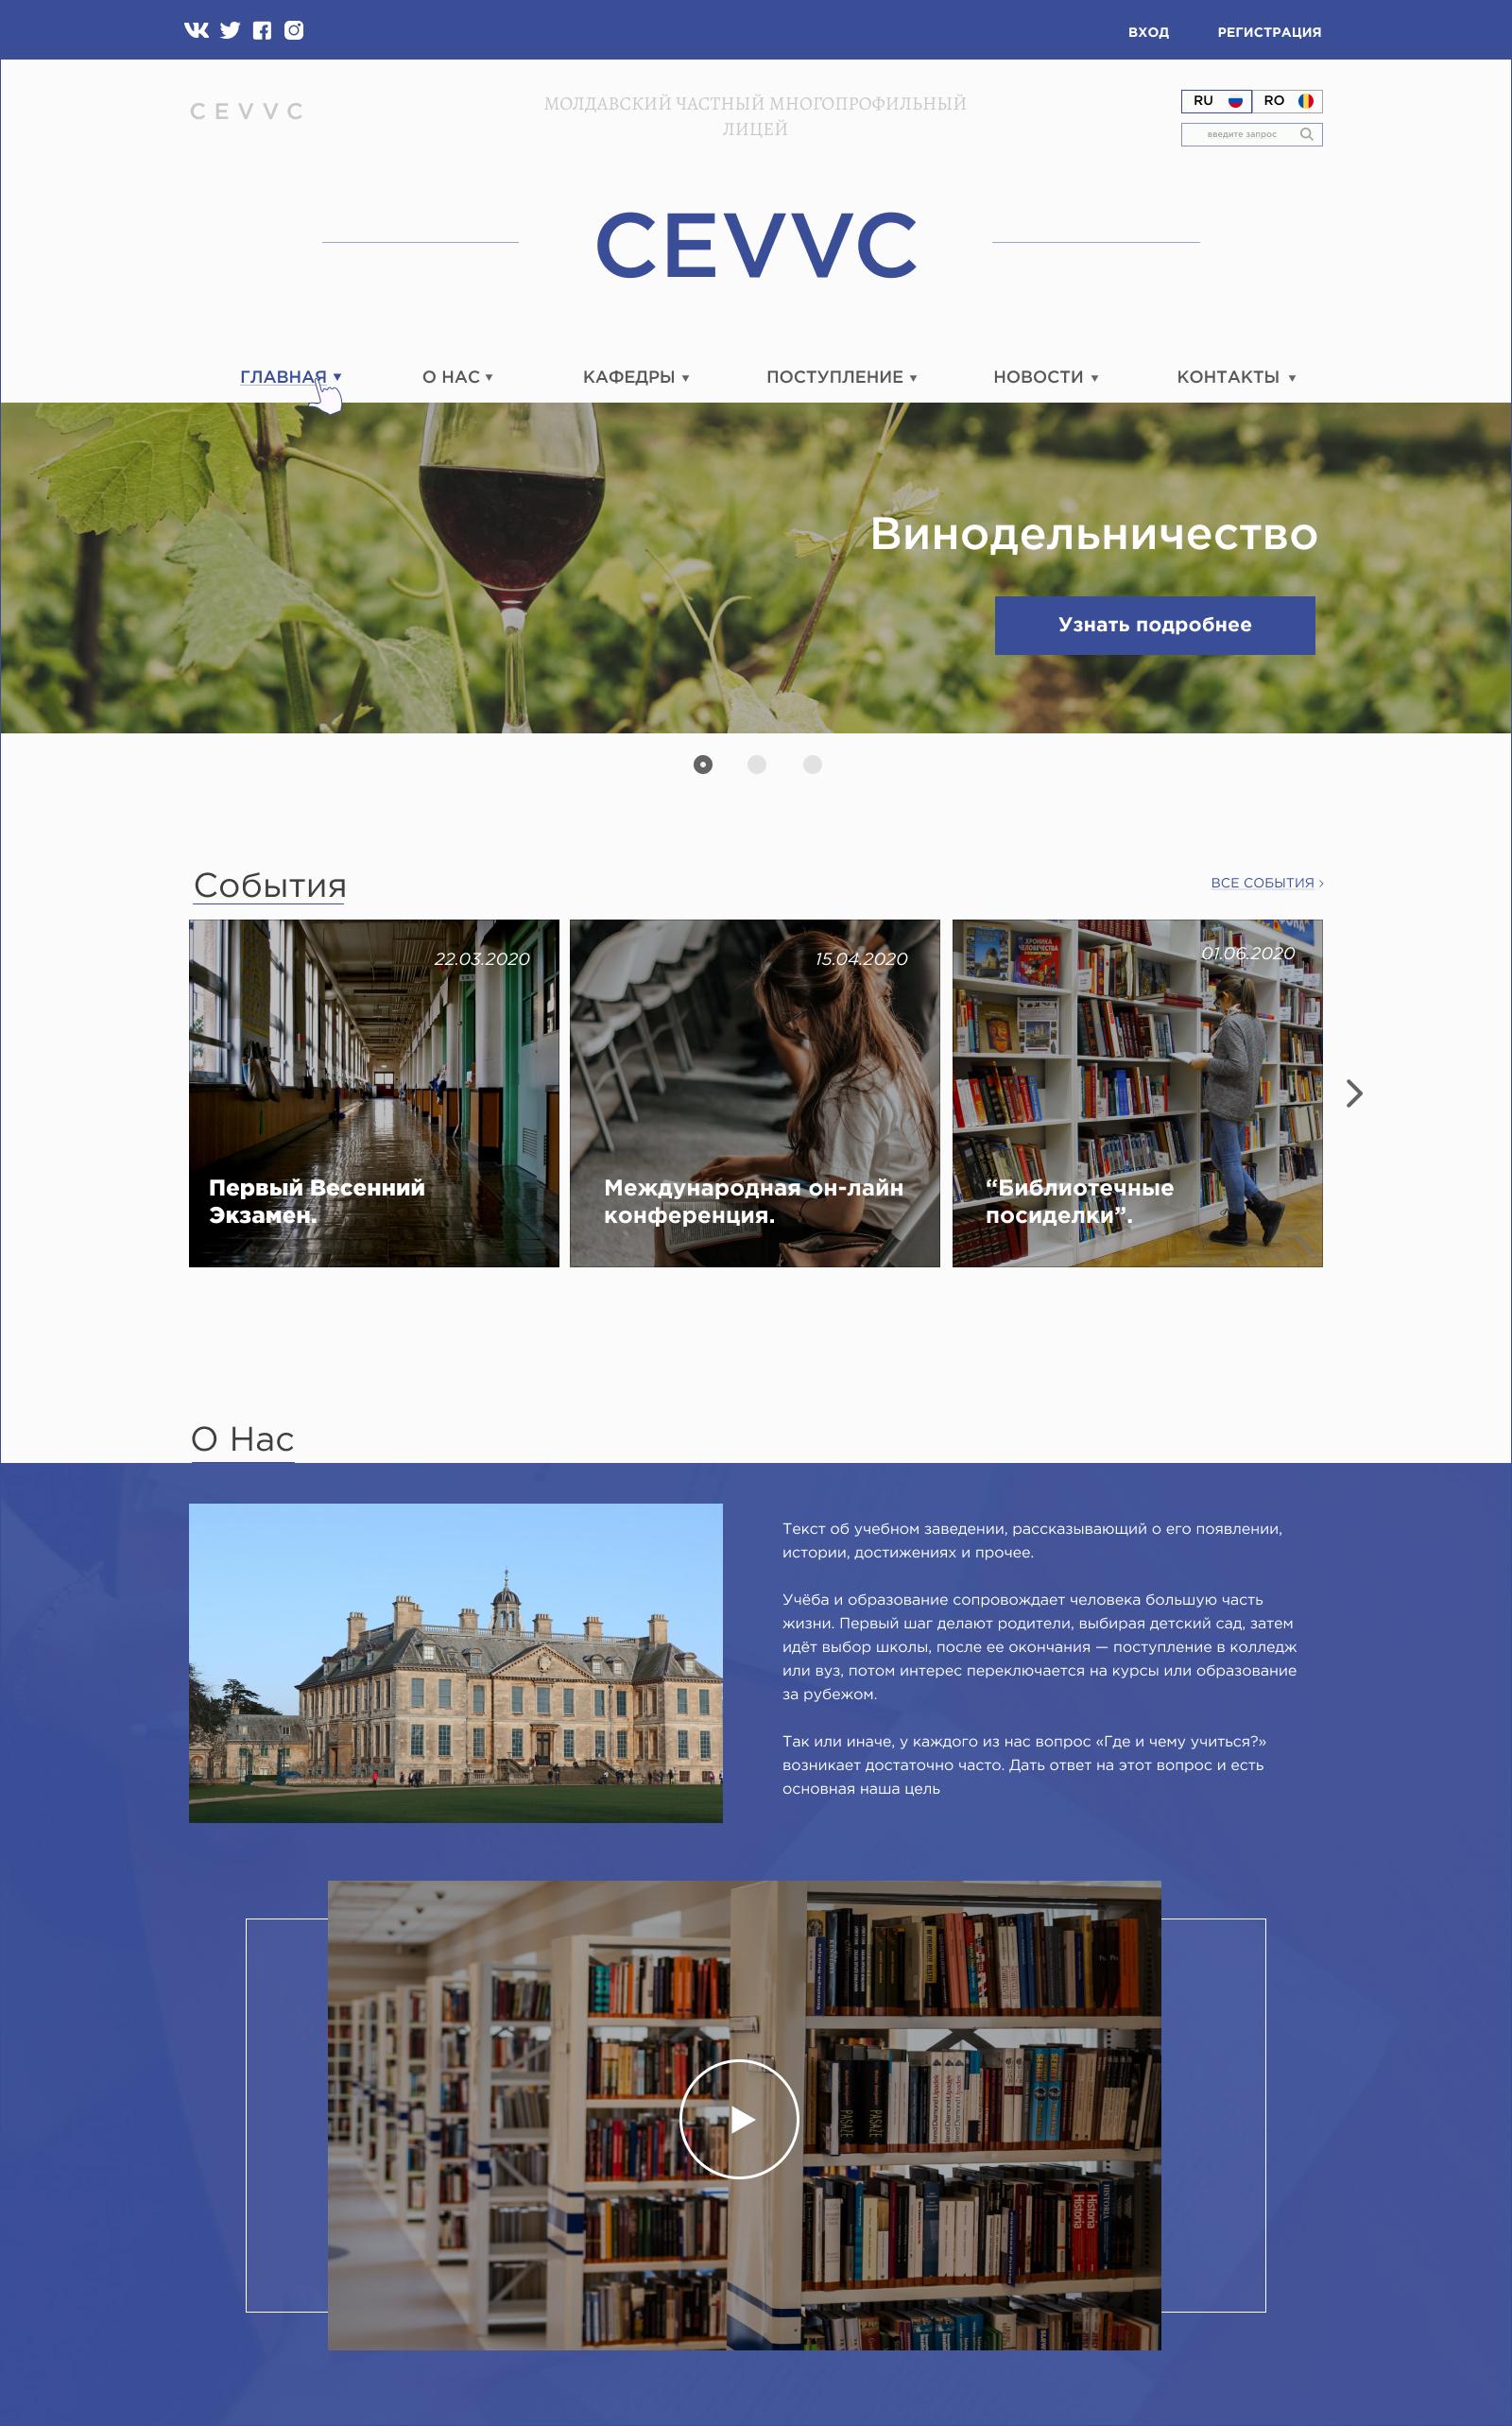 Разработка дизайна сайта колледжа фото f_2615e5ea2ce316a5.jpg